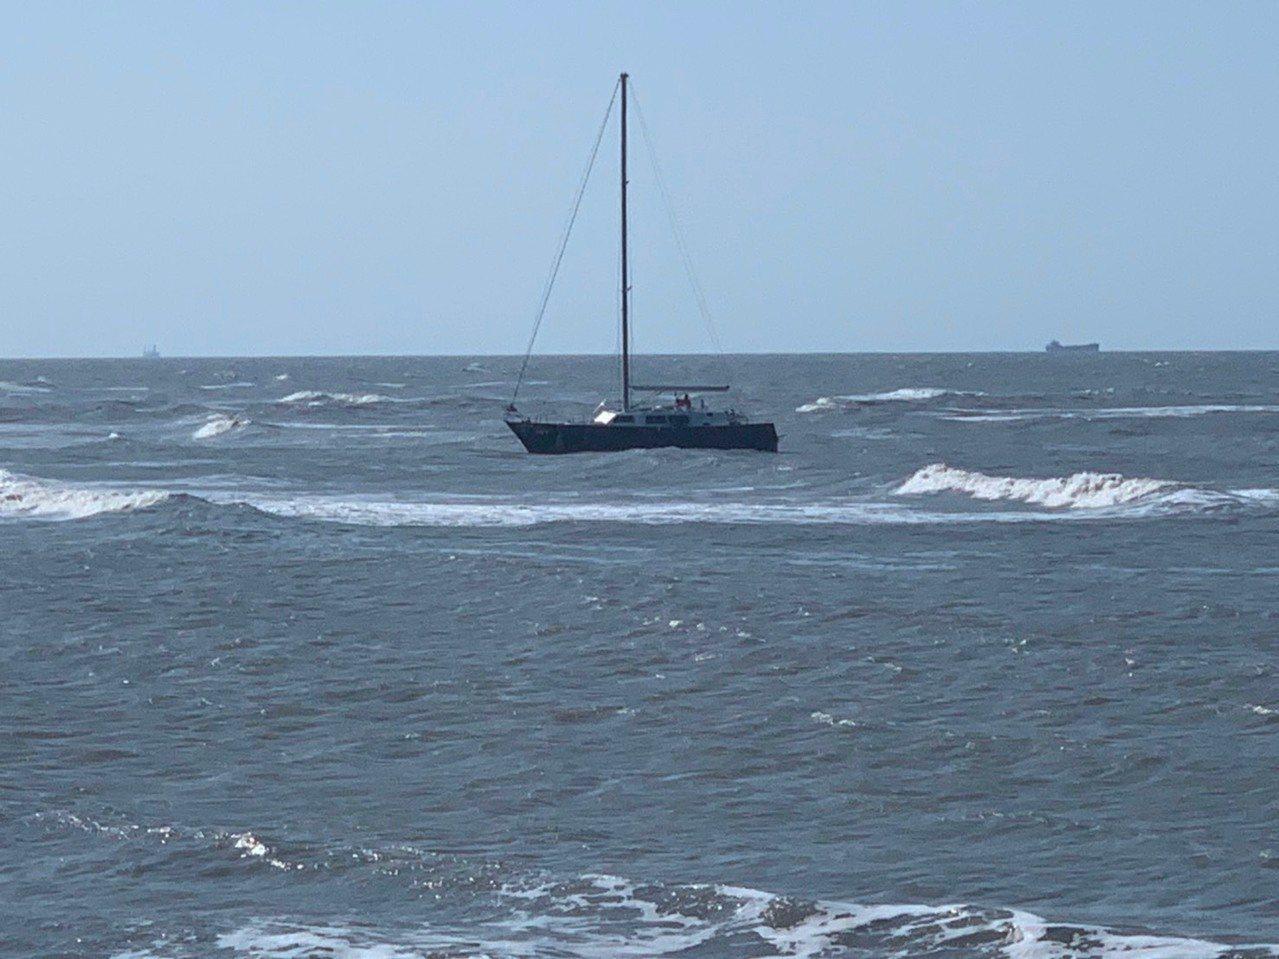 台北市張男與友人駕駛自有遊艇從基隆到竹圍漁港,在竹圍外海發生錨繩斷裂、失去動力漂...